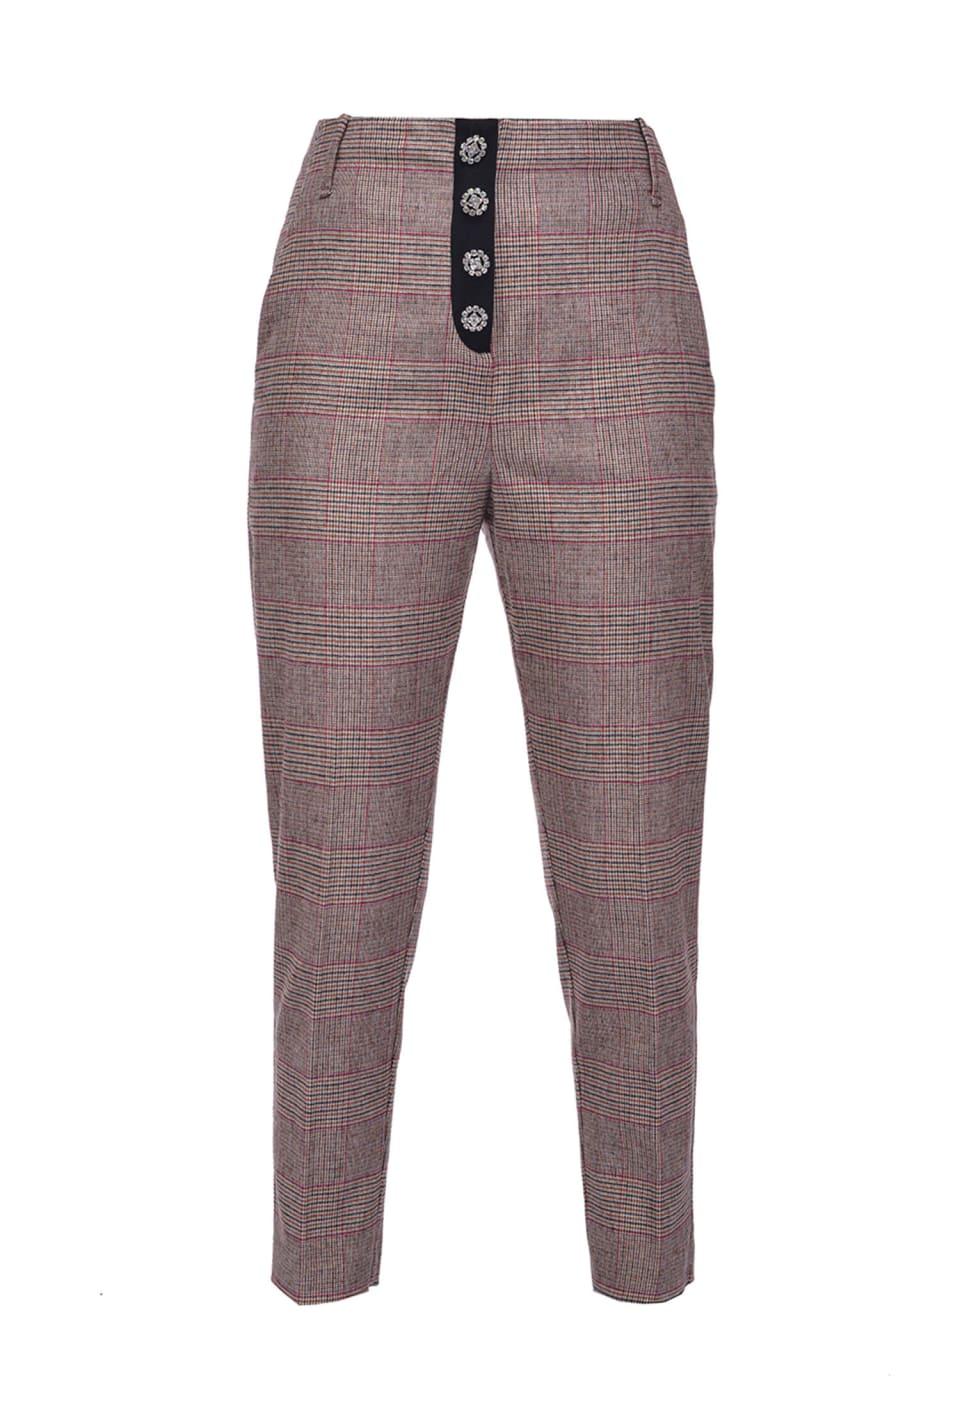 Pantalones con motivo Príncipe de Gales esmerilado